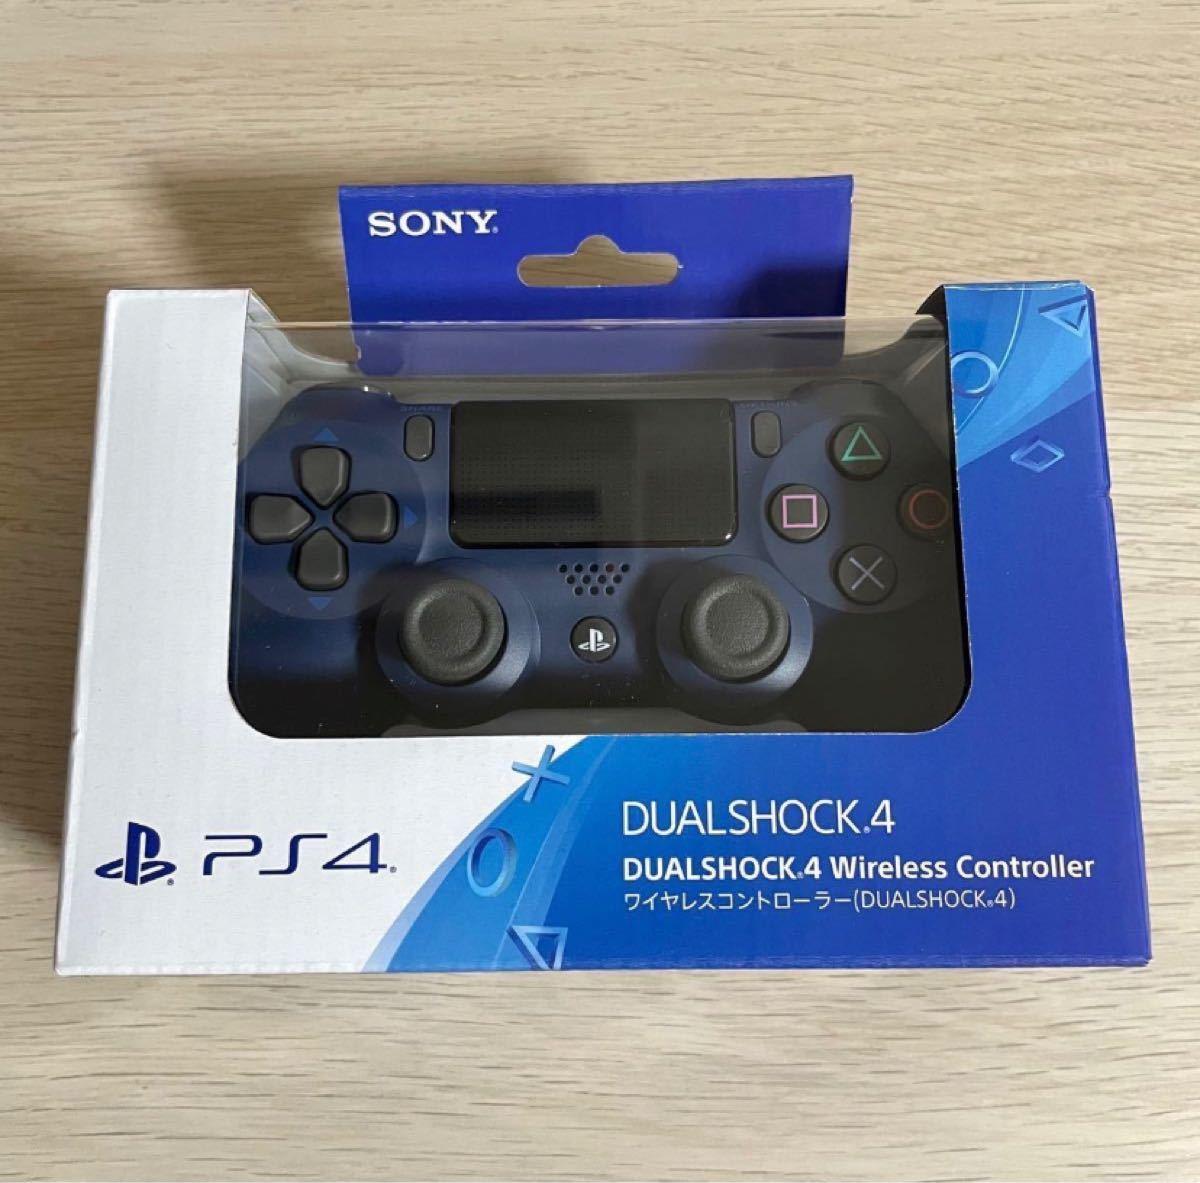 【新品未開封】 PS4コントローラー DUALSHOCK4ミッドナイトブルー